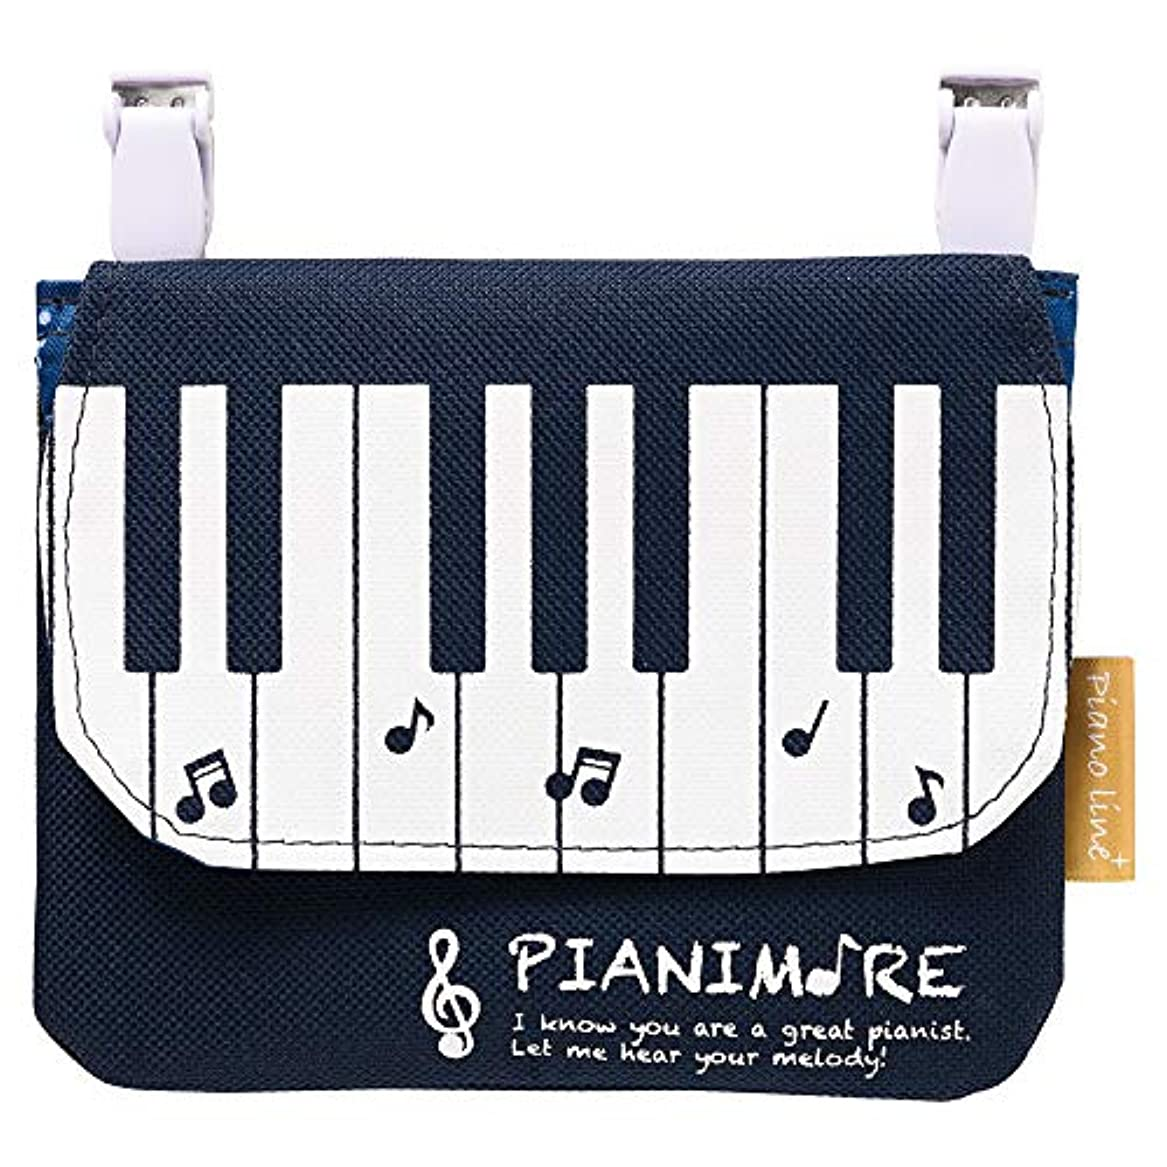 考古学素晴らしいインチPianimore ポケットポーチ 鍵盤柄 移動ポケット ティッシュ入れ付き 女の子用